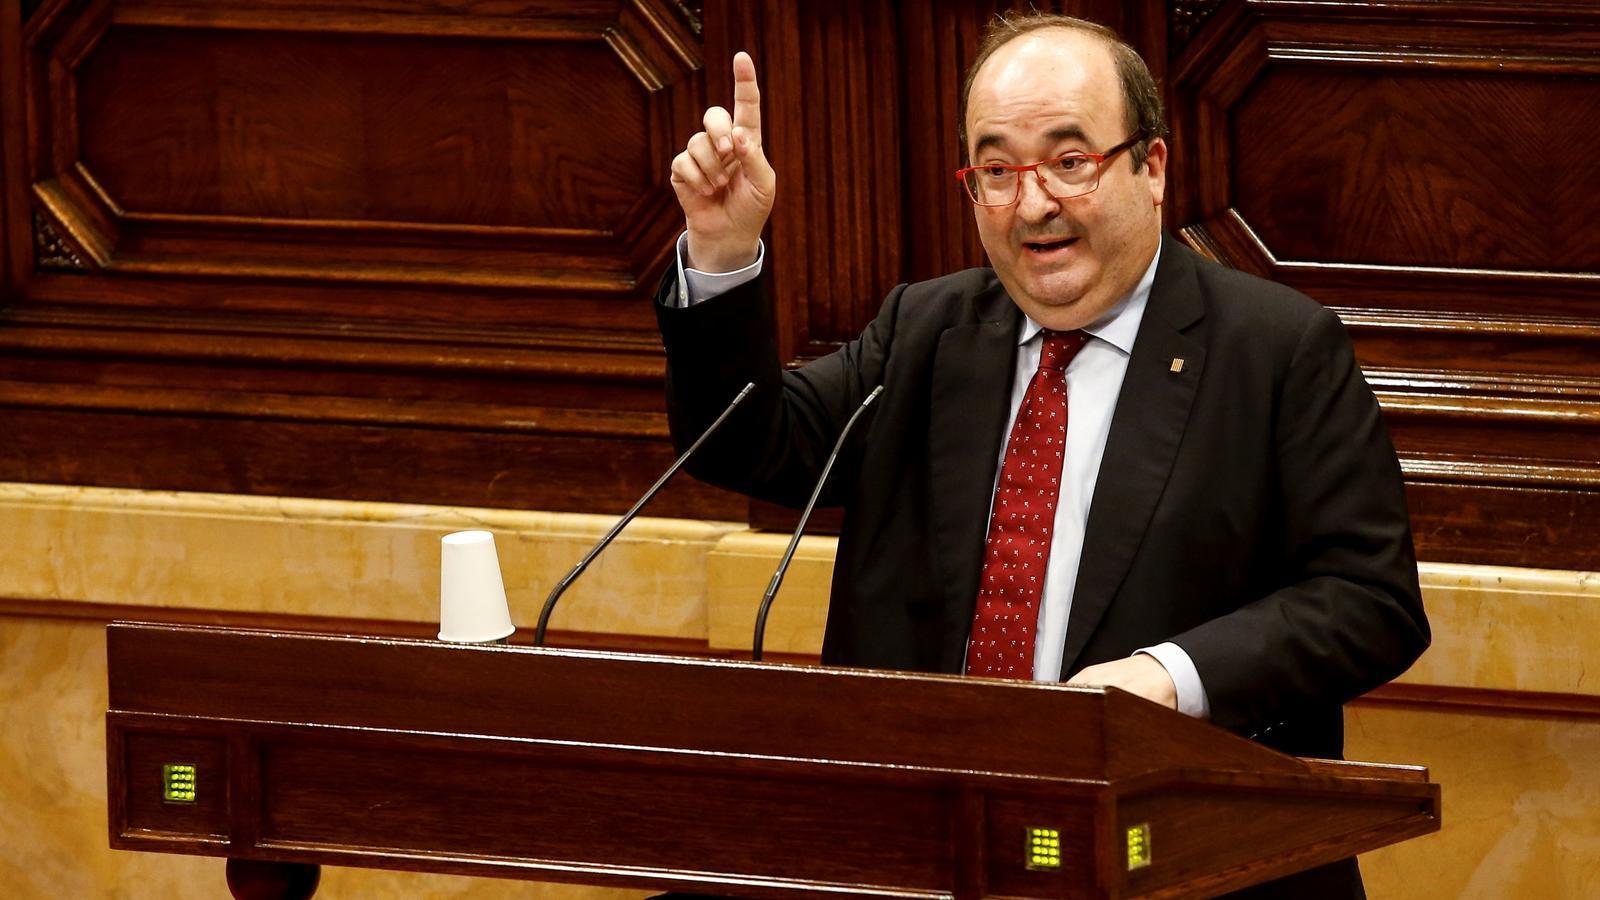 L'oposició critica la gestió de la pandèmia per part del Govern i li retreu la manca de diàleg